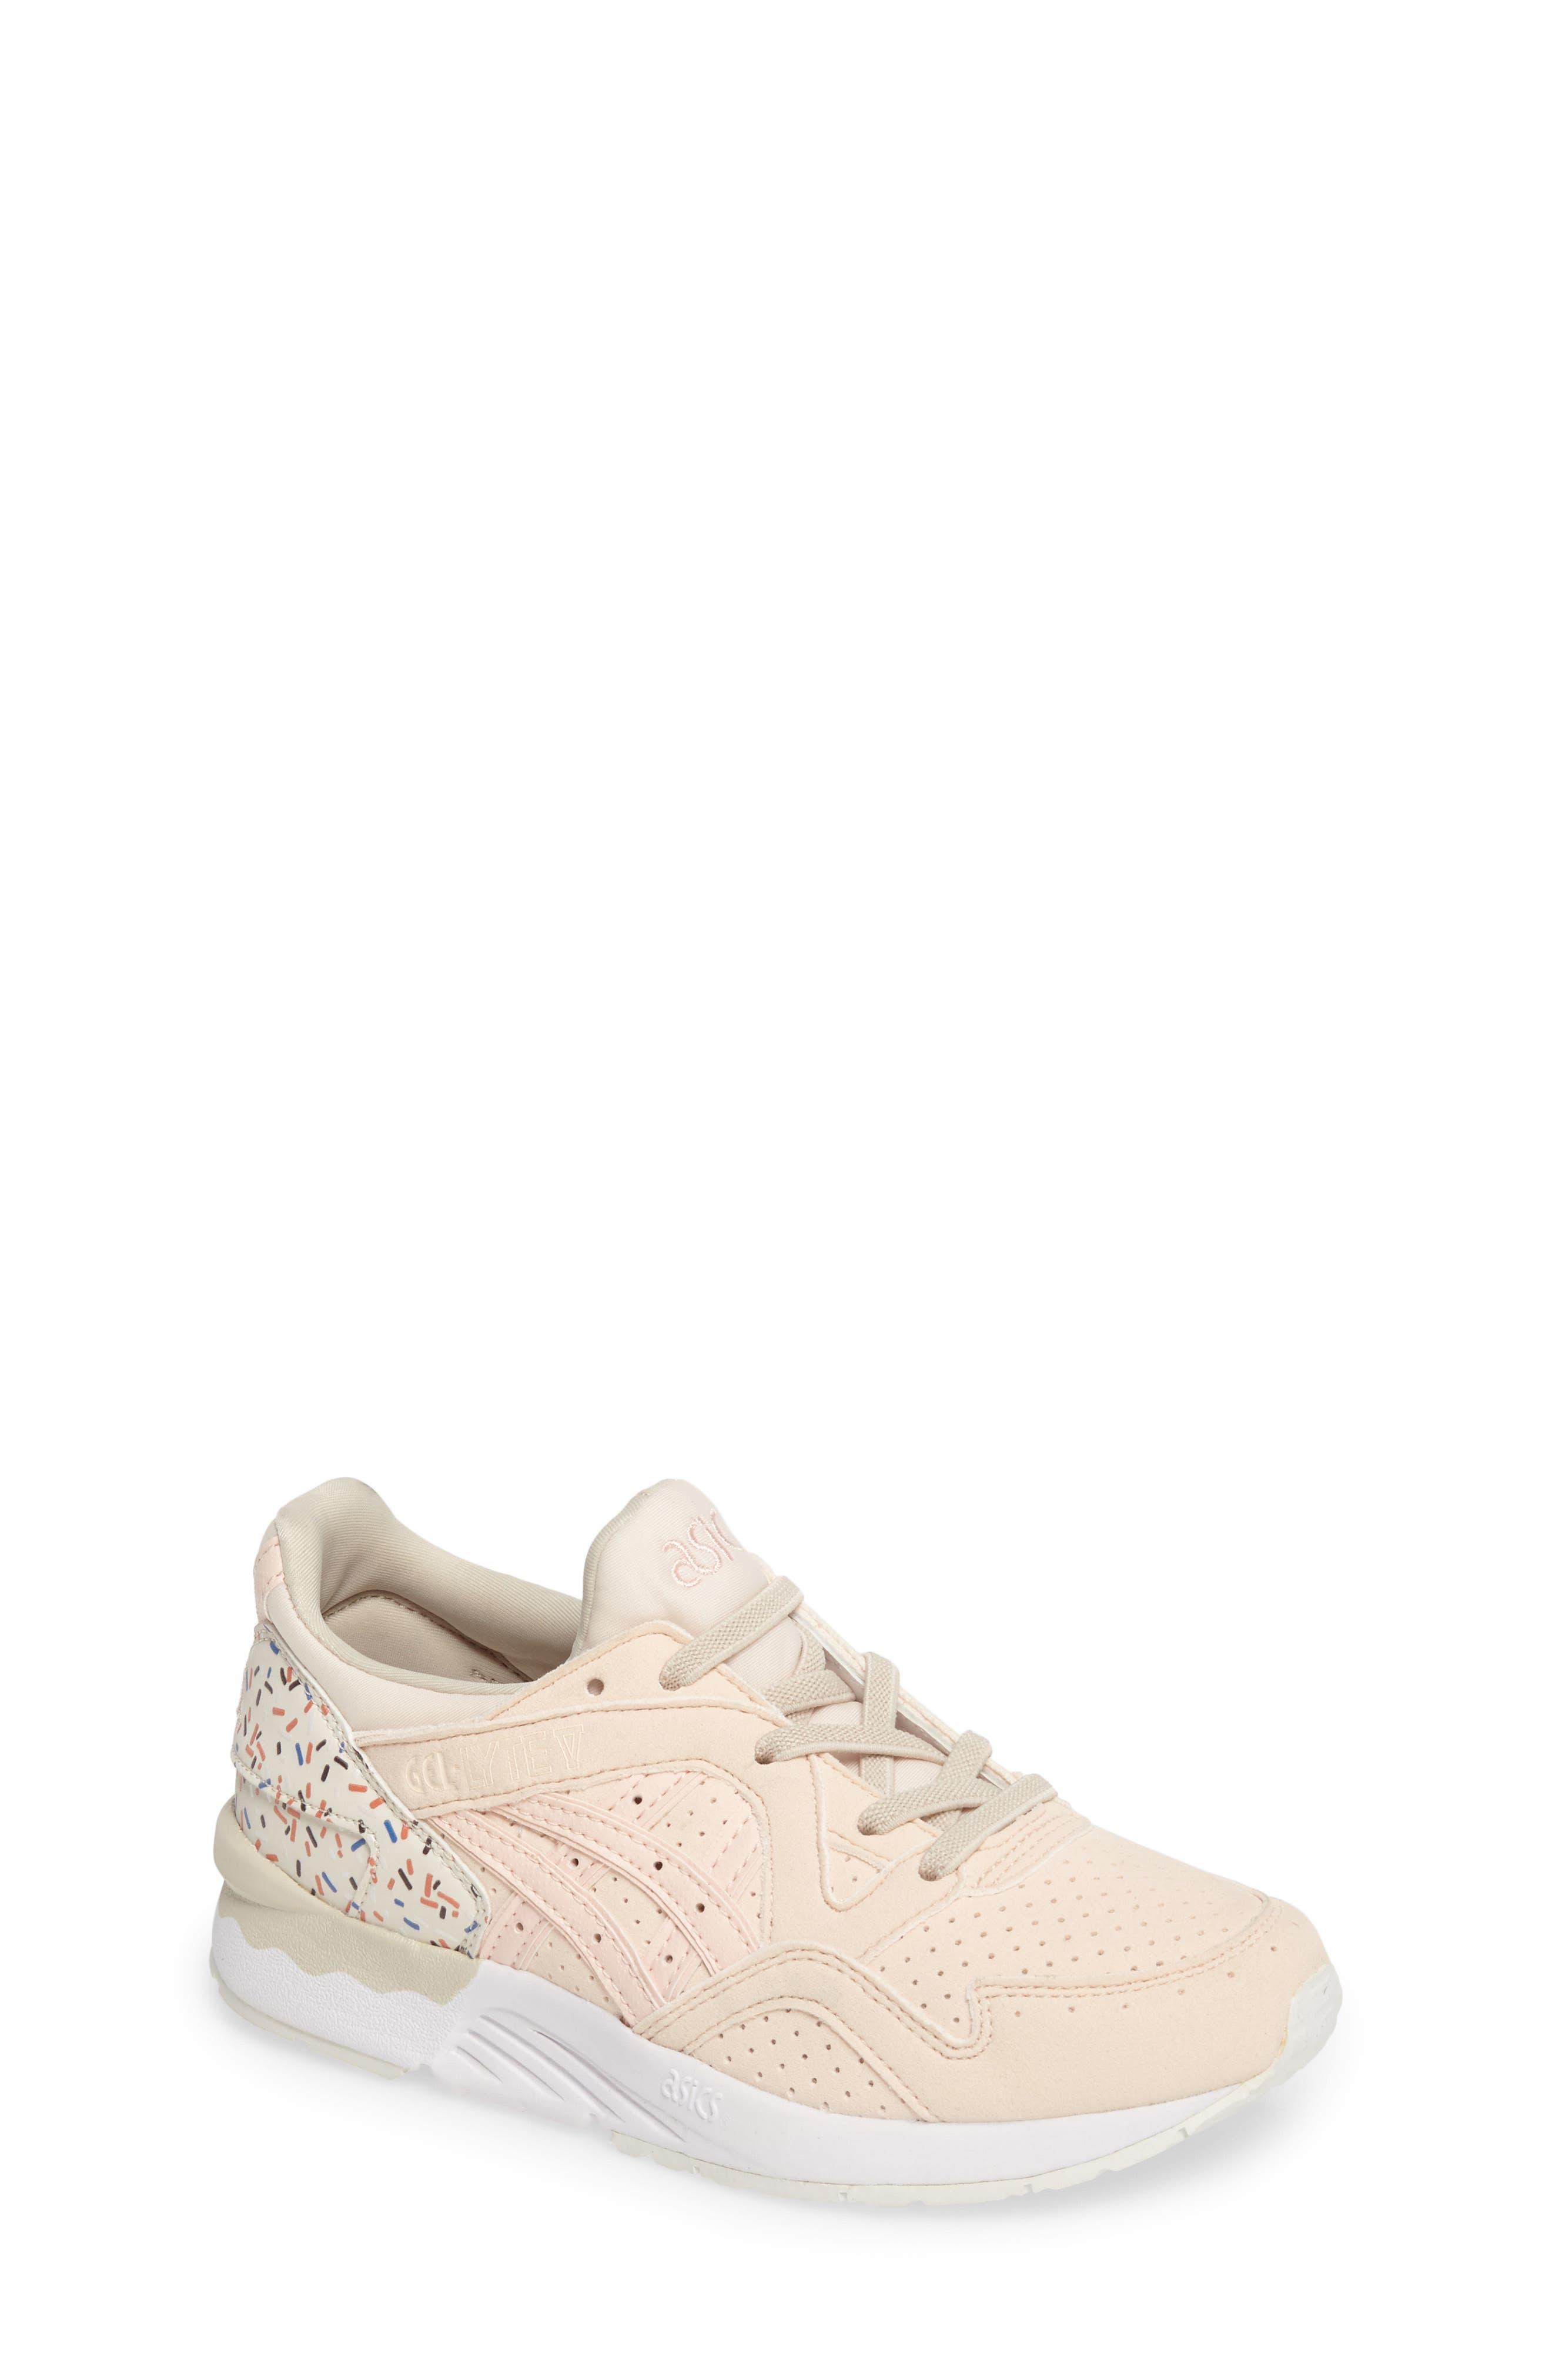 GEL-Lyte V Sneaker,                             Main thumbnail 1, color,                             Vanilla Cream/ Vanilla Cream